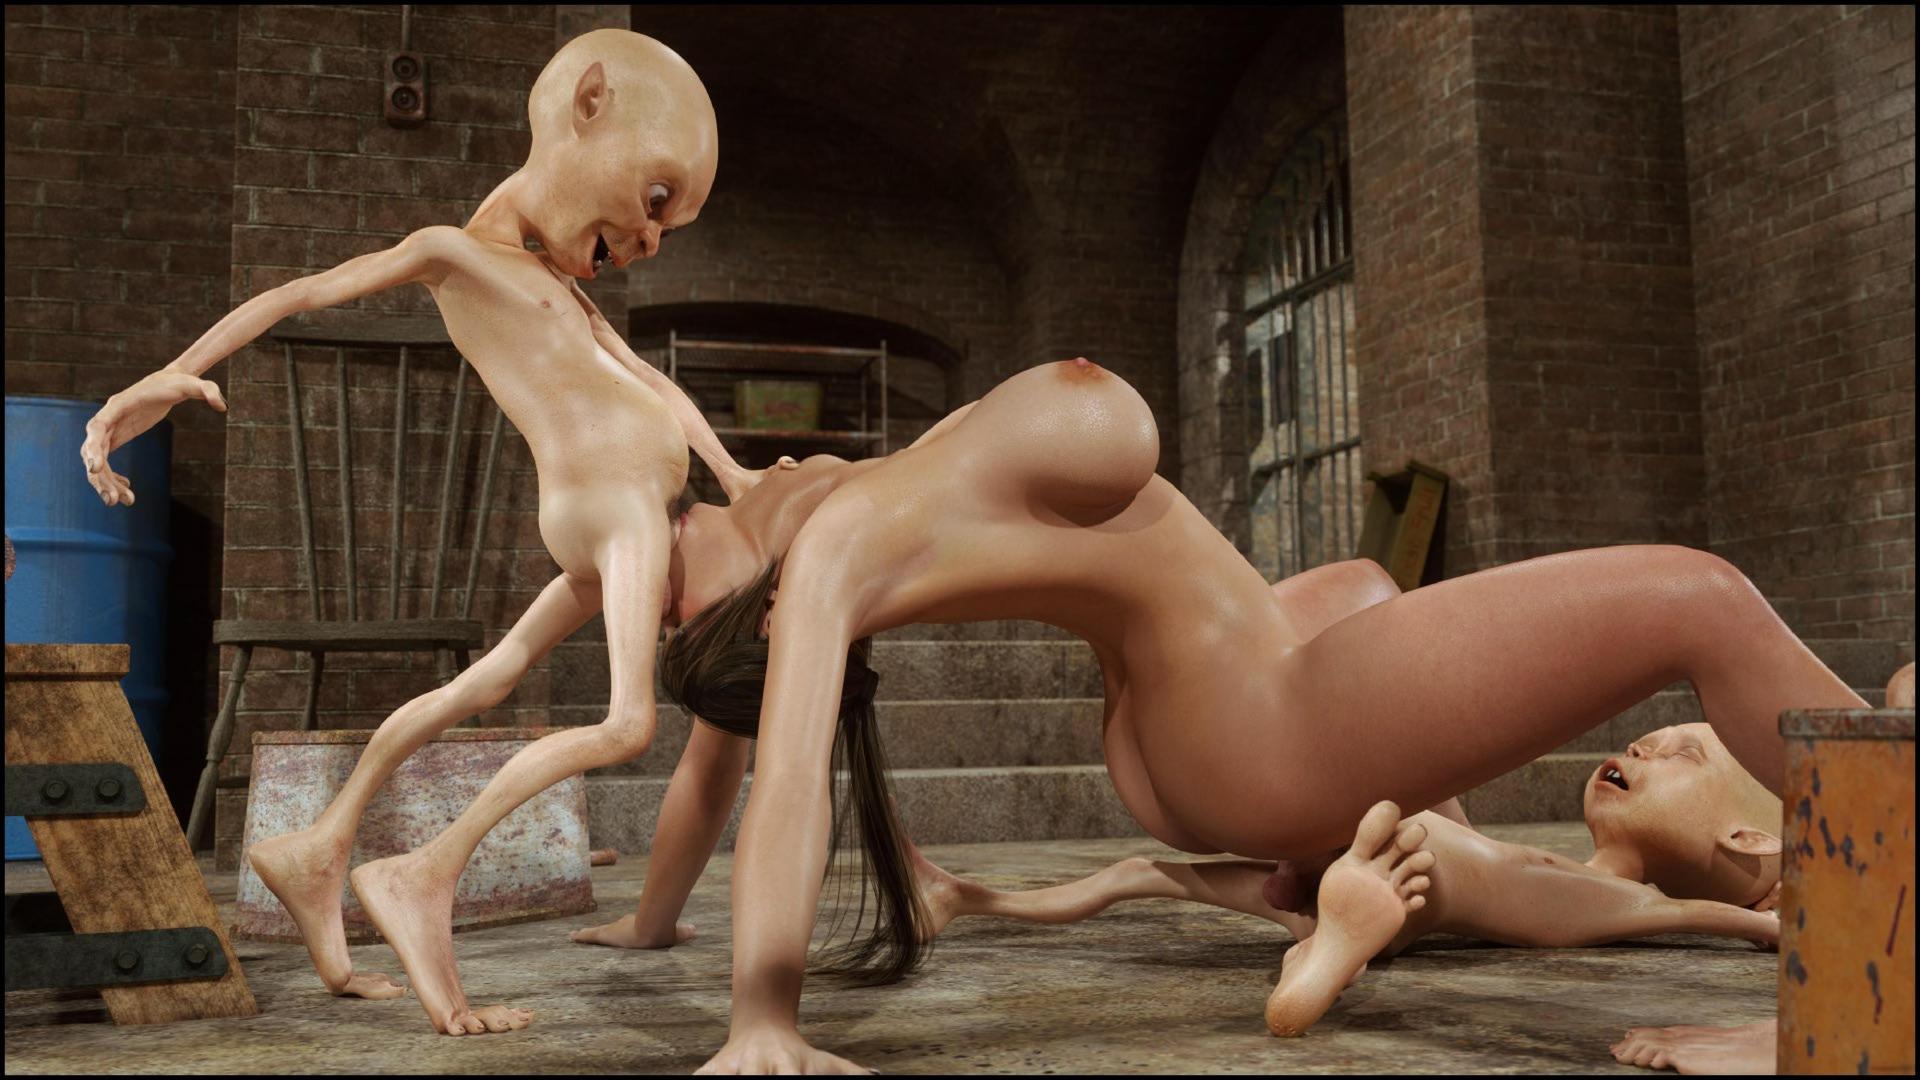 Cumshot 3d incest naked clips